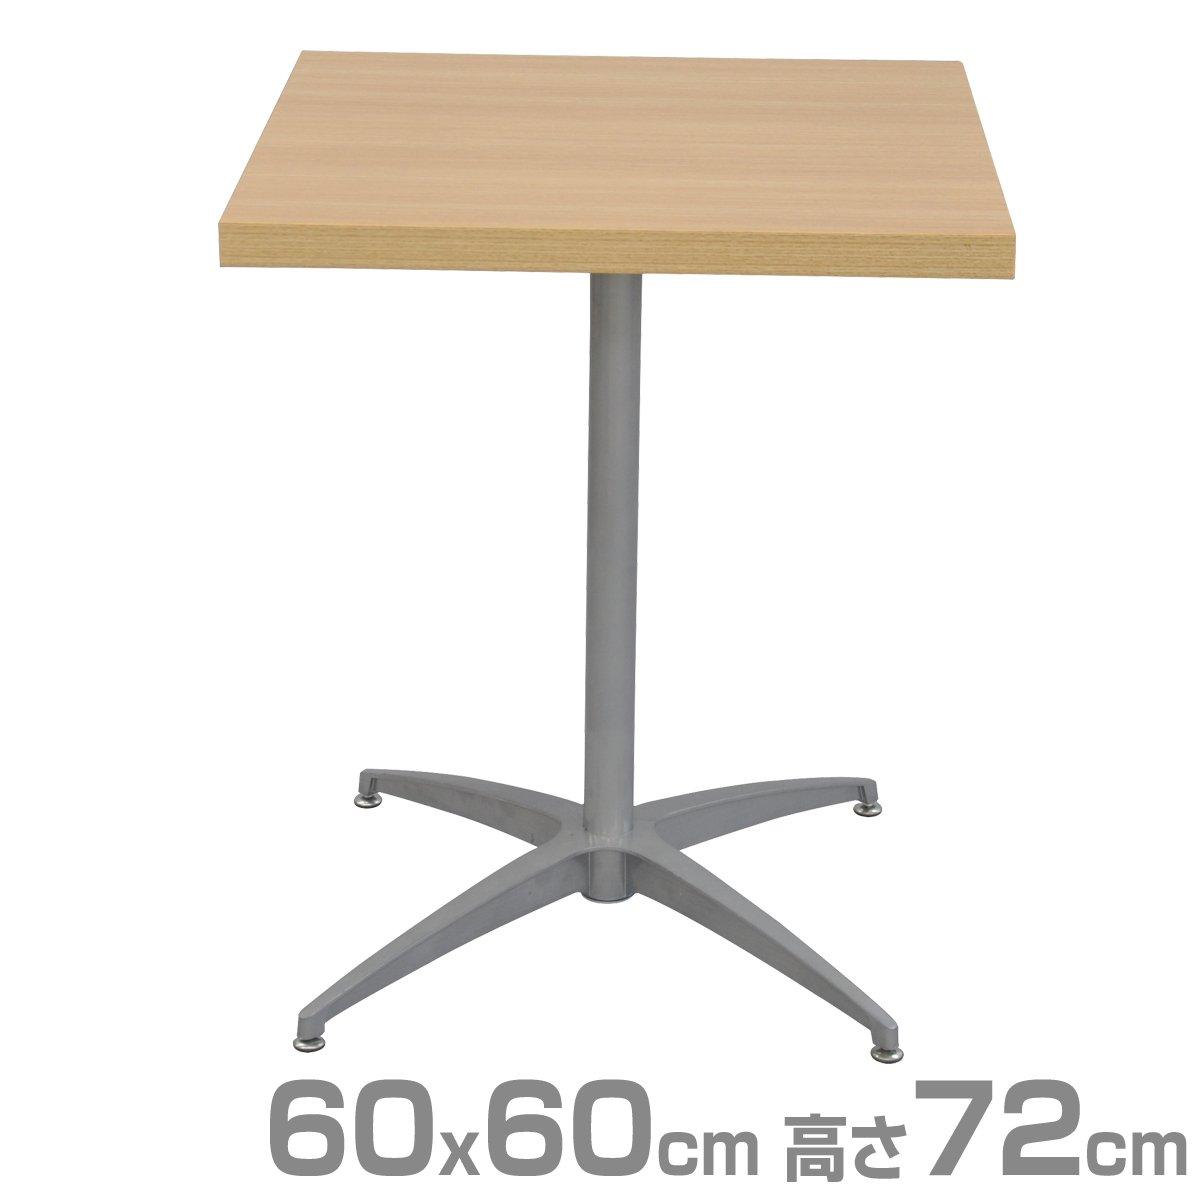 エイアイエス(AIS) カフェキッツ セット テーブル 60×60cm 正方形 高さ72cm CFK-600SQ-NA (天板/64cm脚/プレート) ナチュラル B01LYE1Q3C